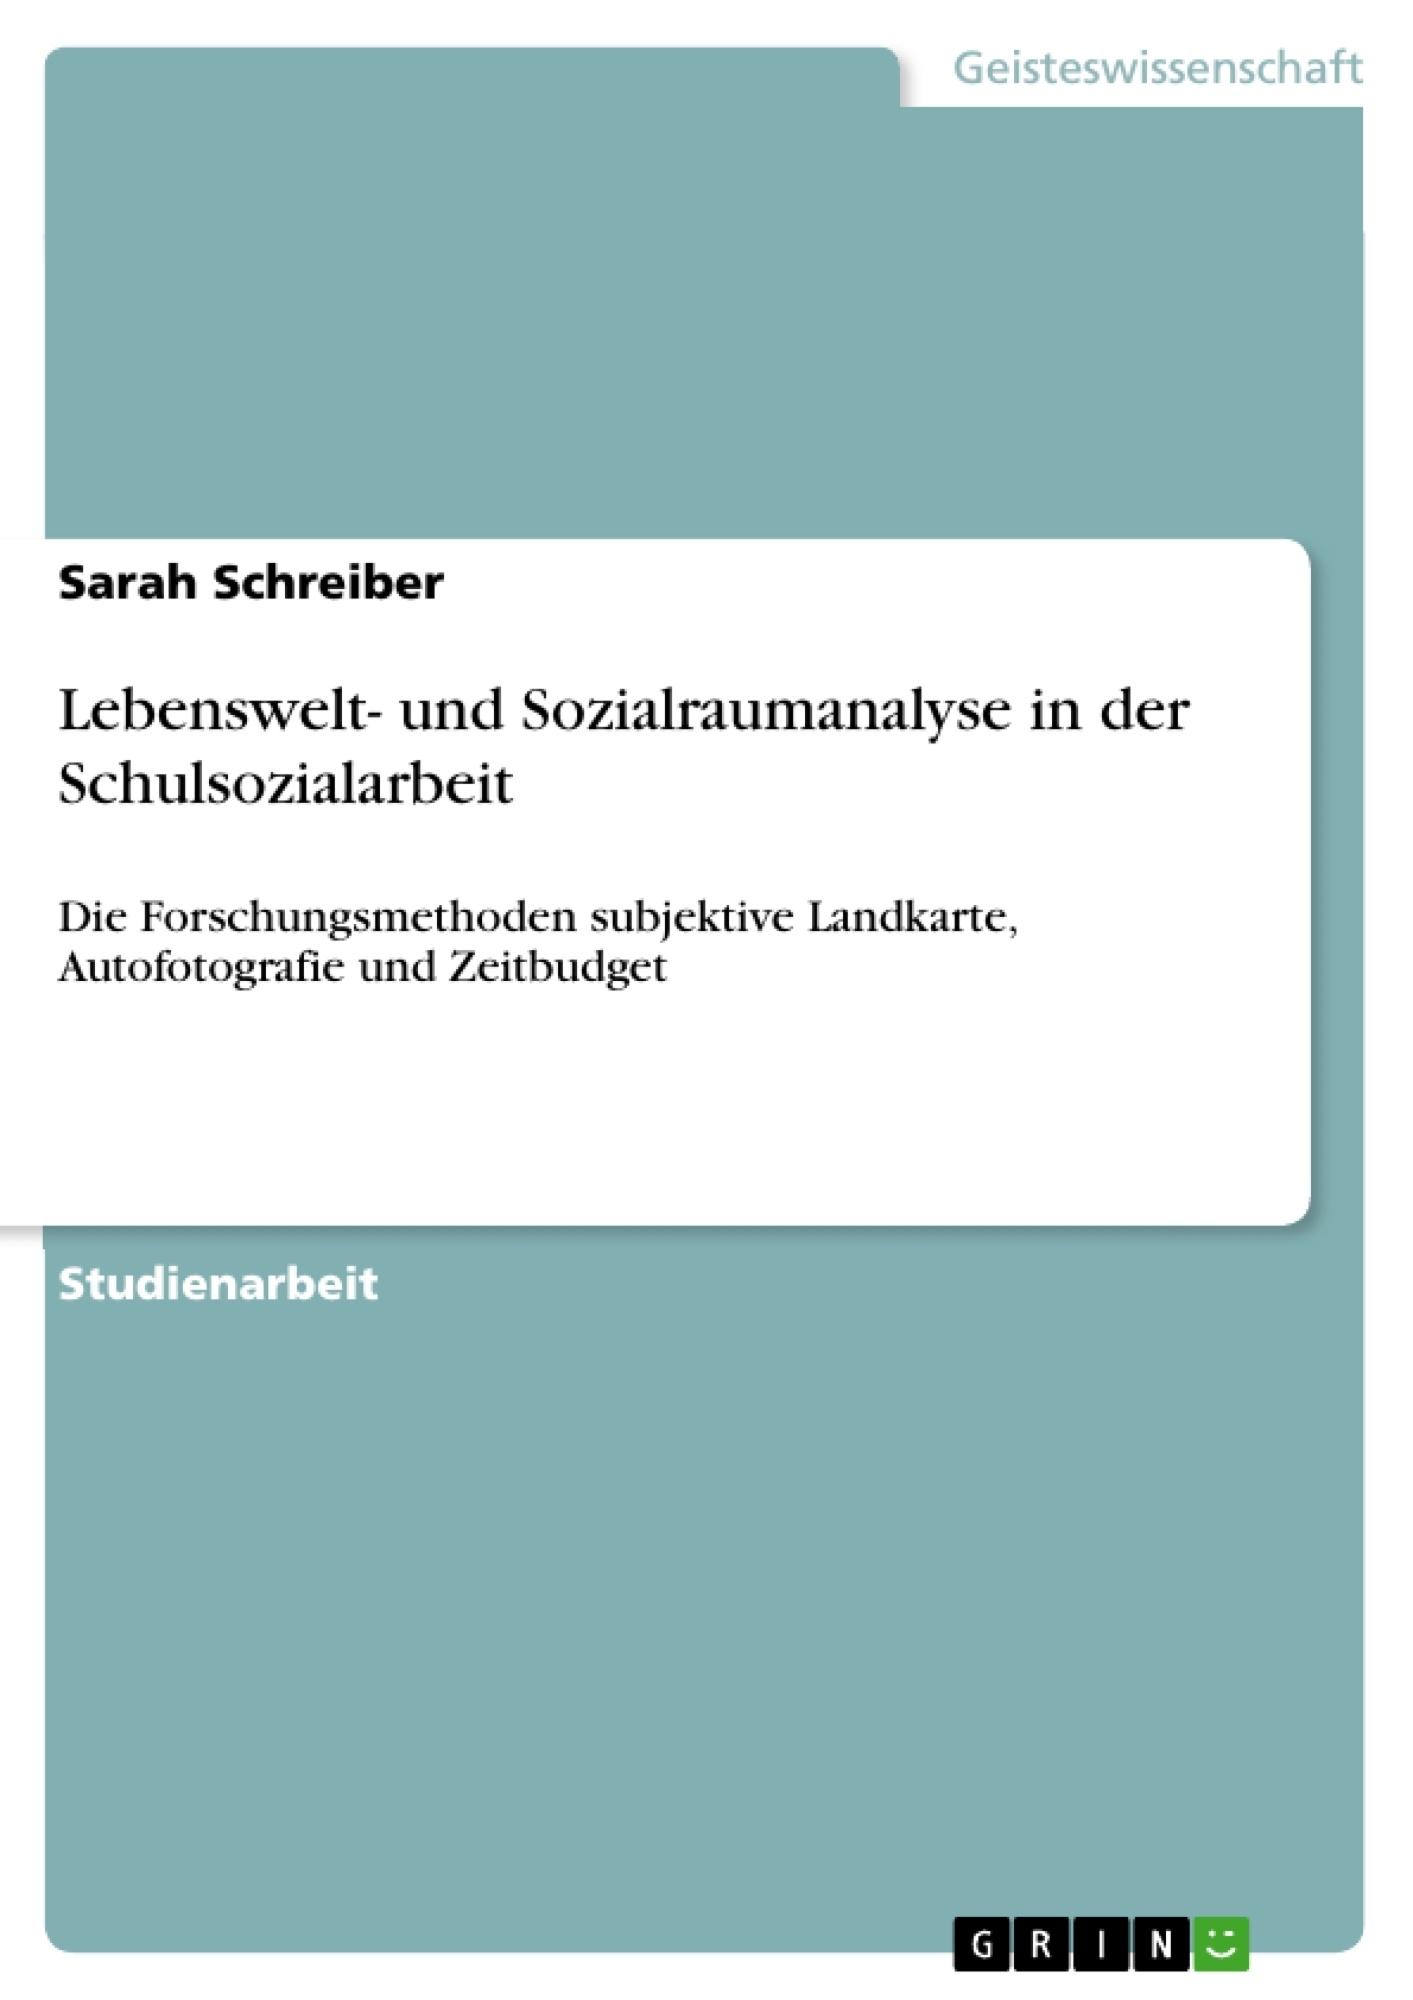 Titel: Lebenswelt- und Sozialraumanalyse in der Schulsozialarbeit